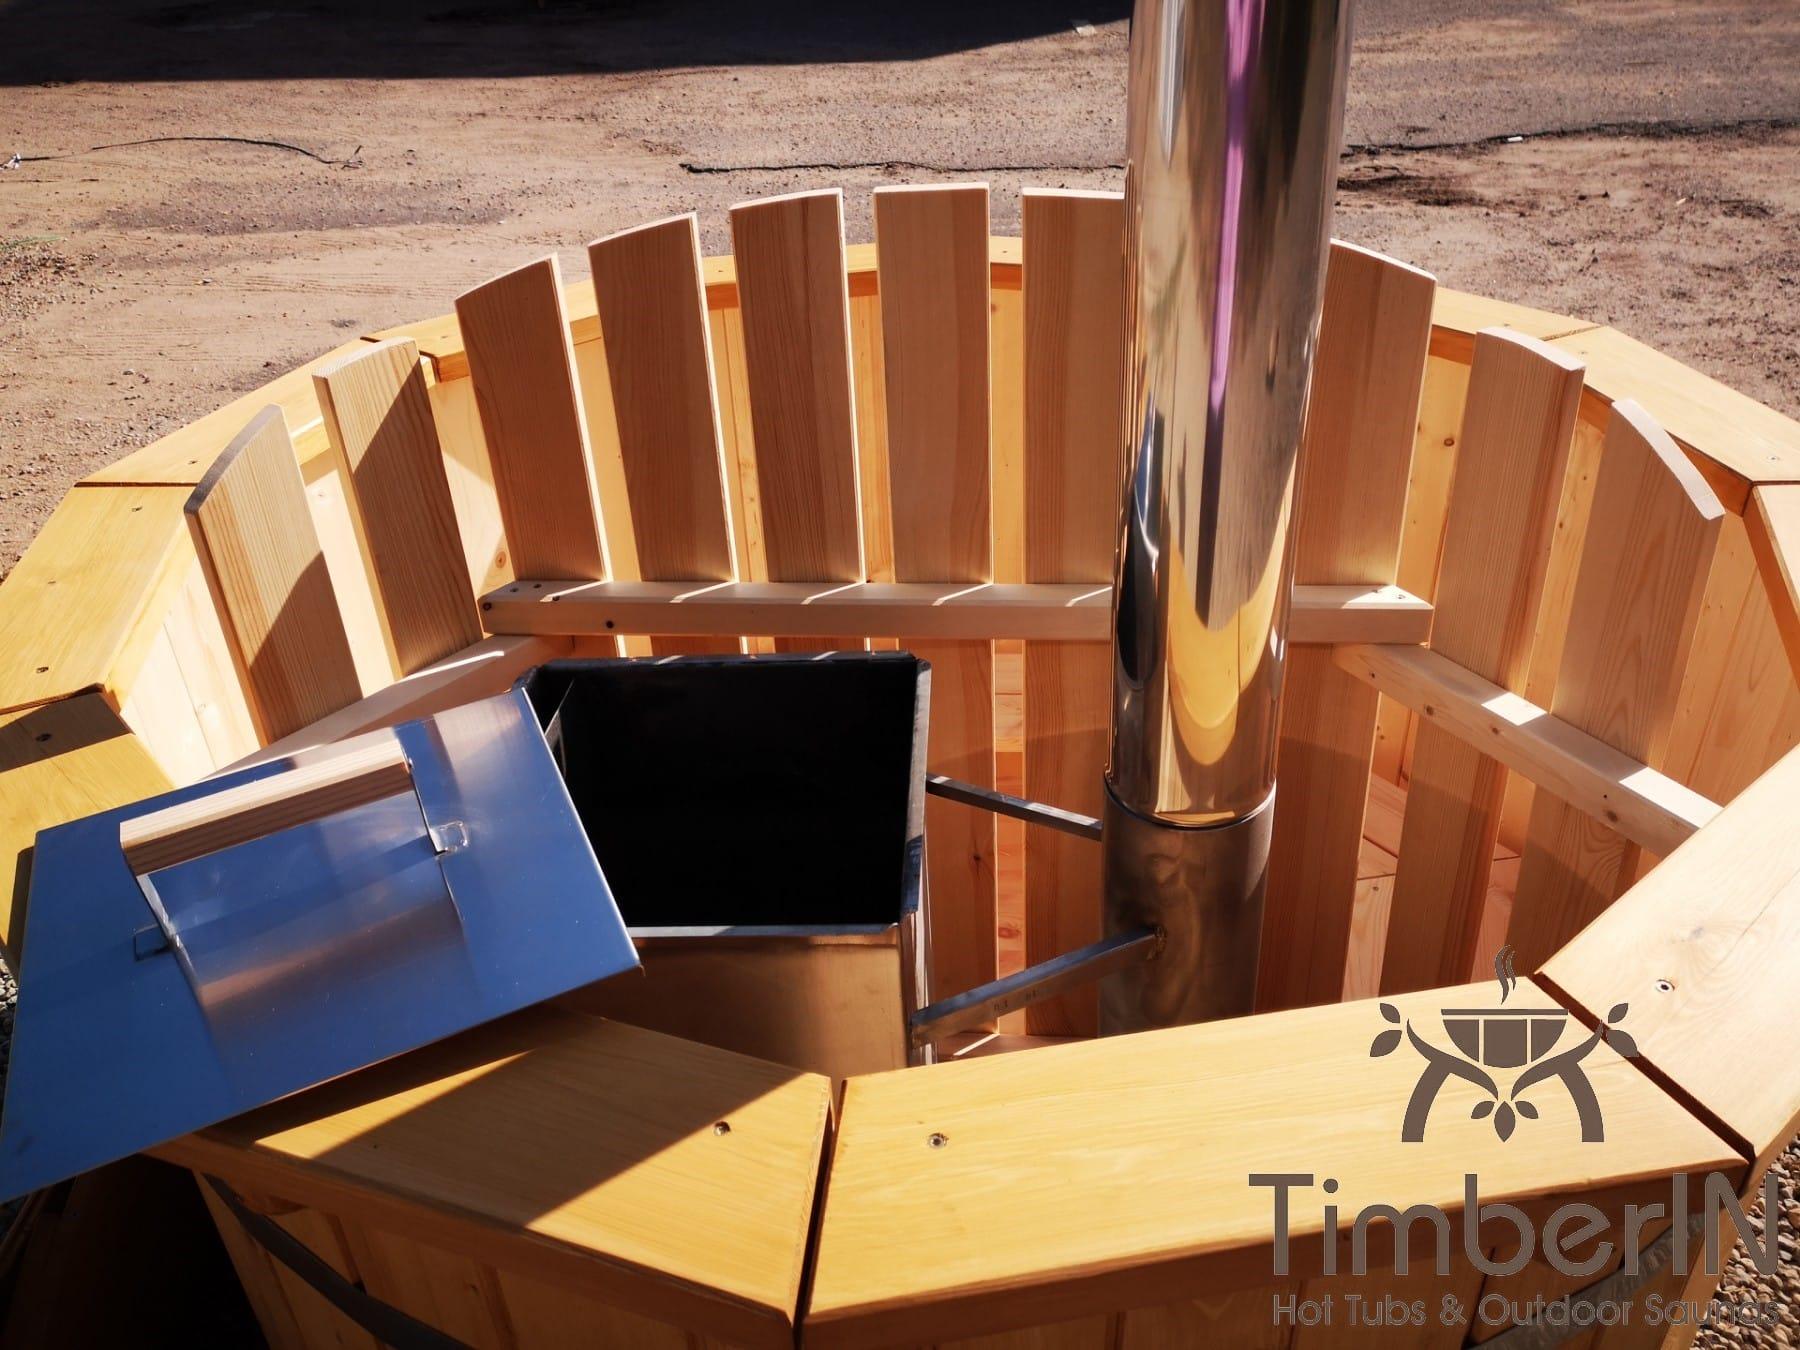 Badezuber aus Holz mit Holzofen Fichte – Laerche 3